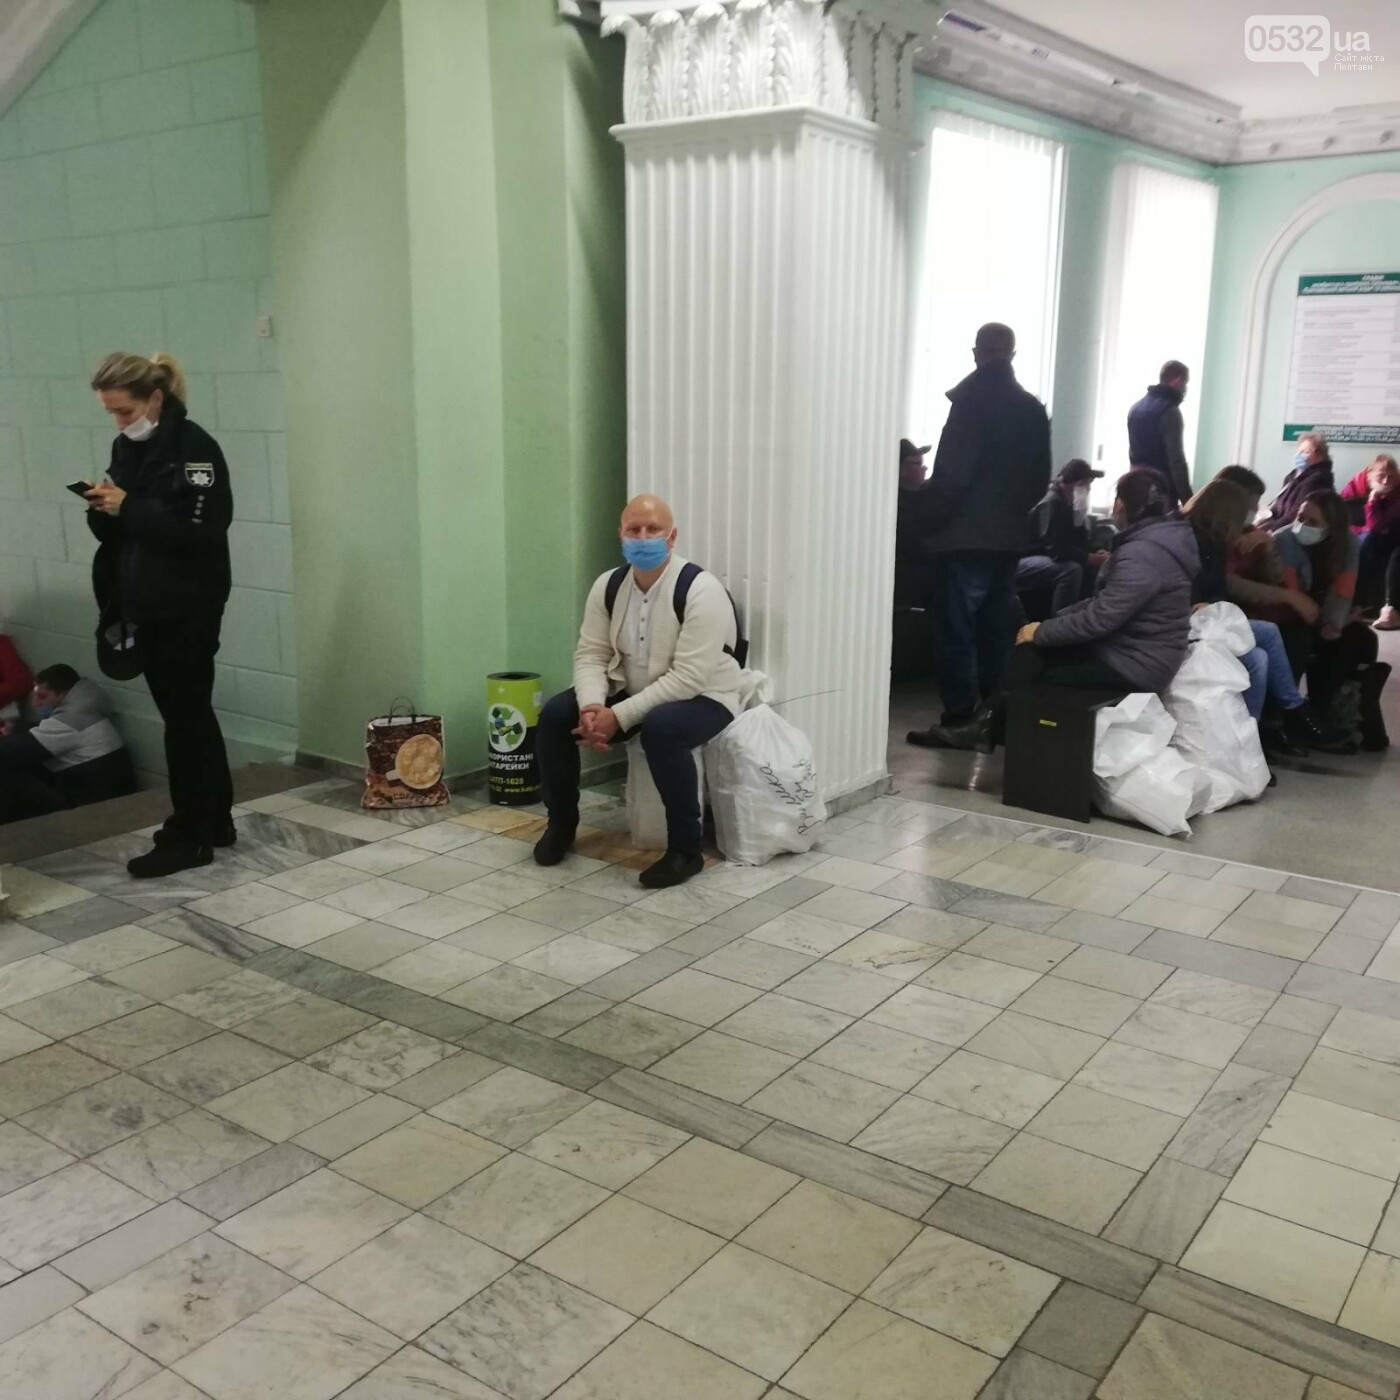 Поліцейські сидять на мішках: як у Полтаві приймають бюлетені у ТВК (ФОТО), фото-2